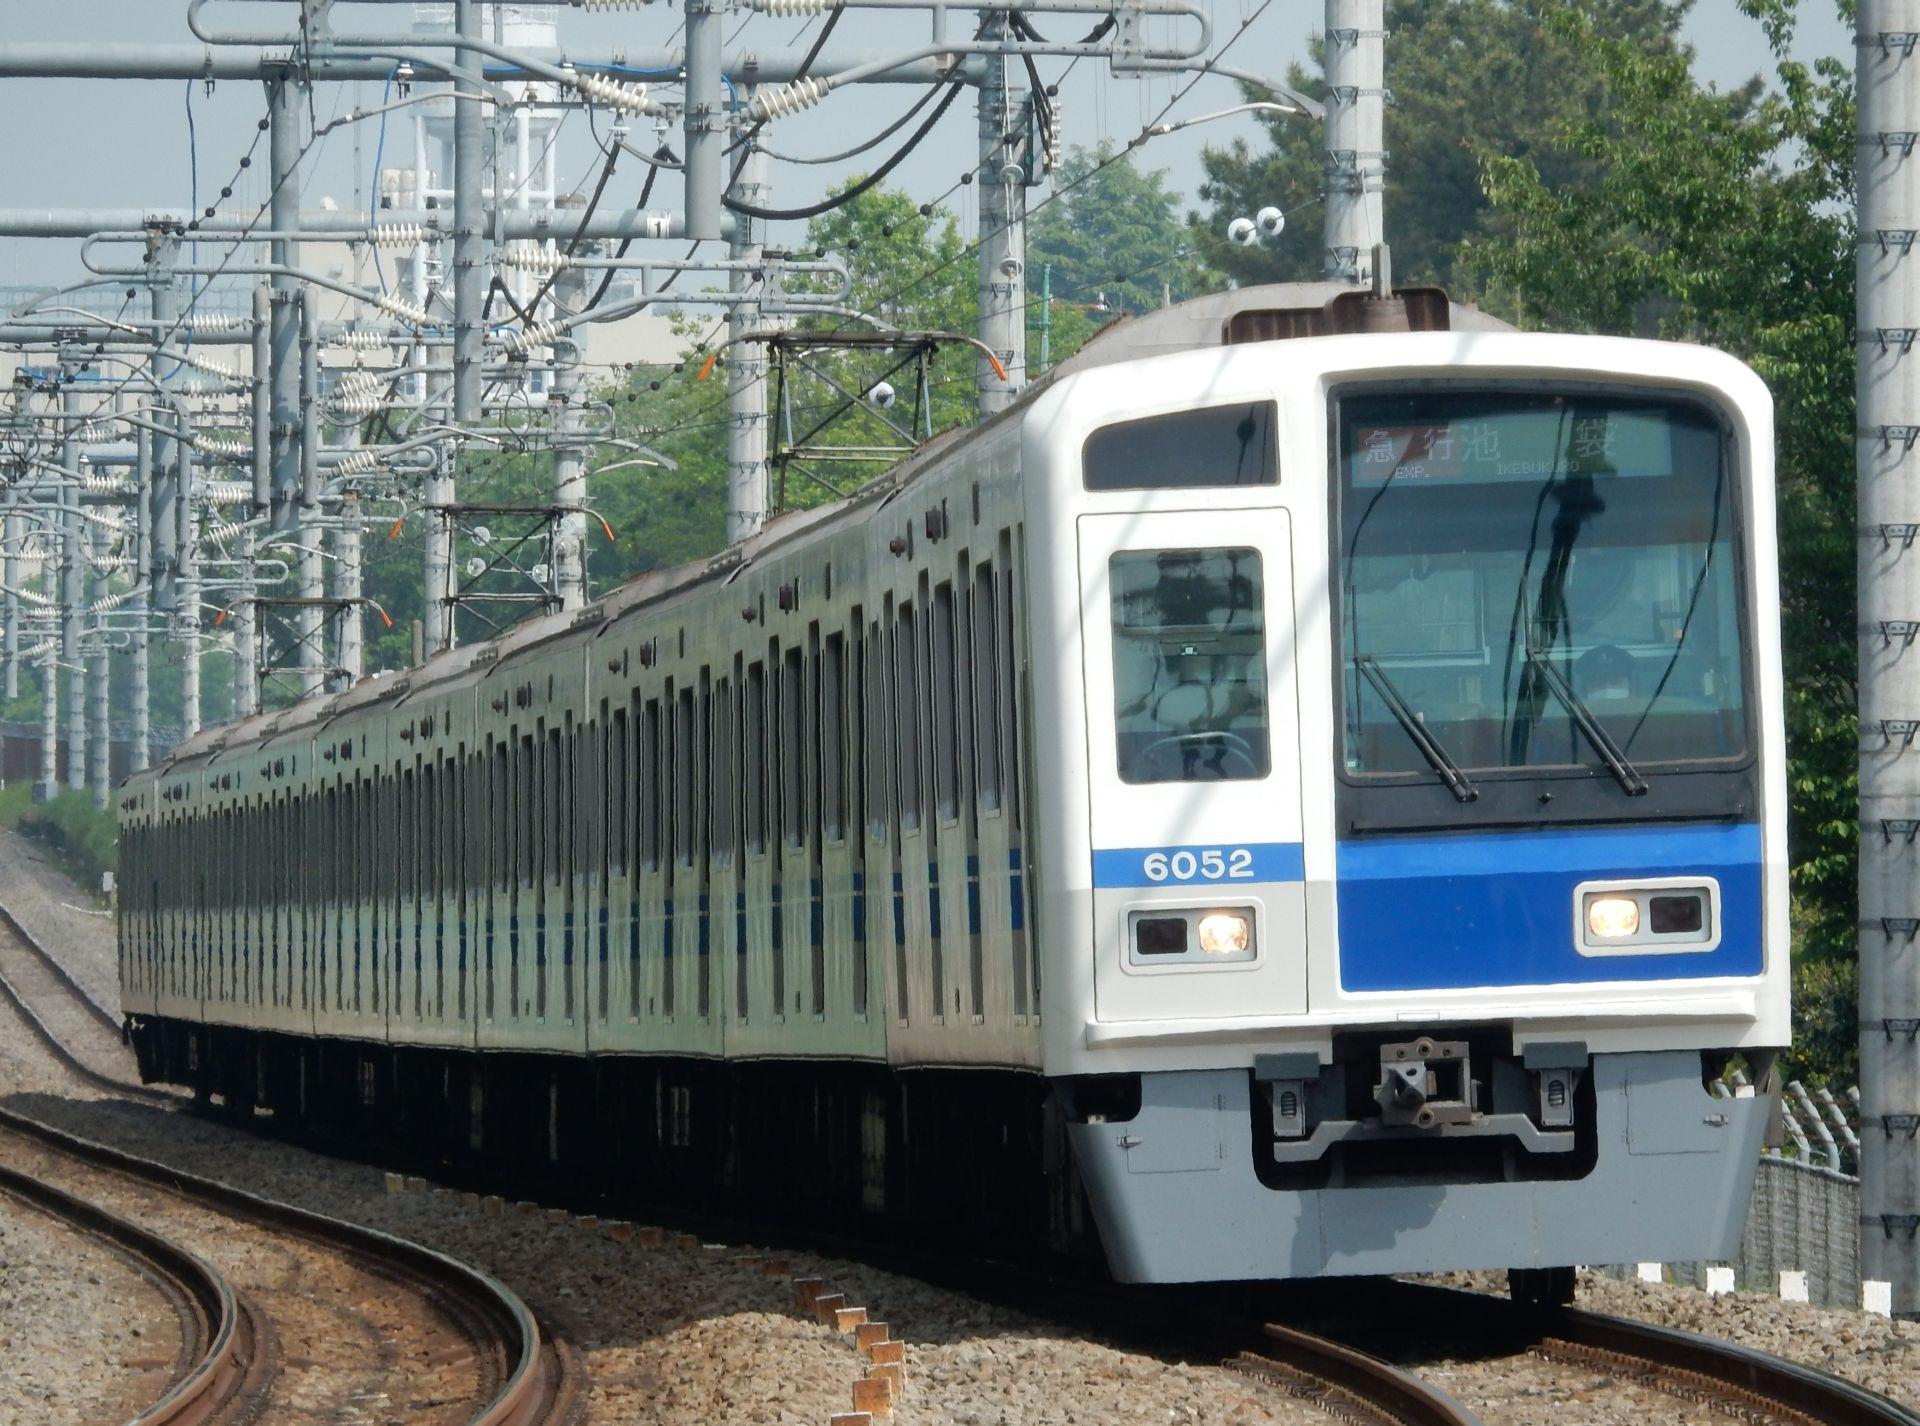 DSCN8876 - コピー